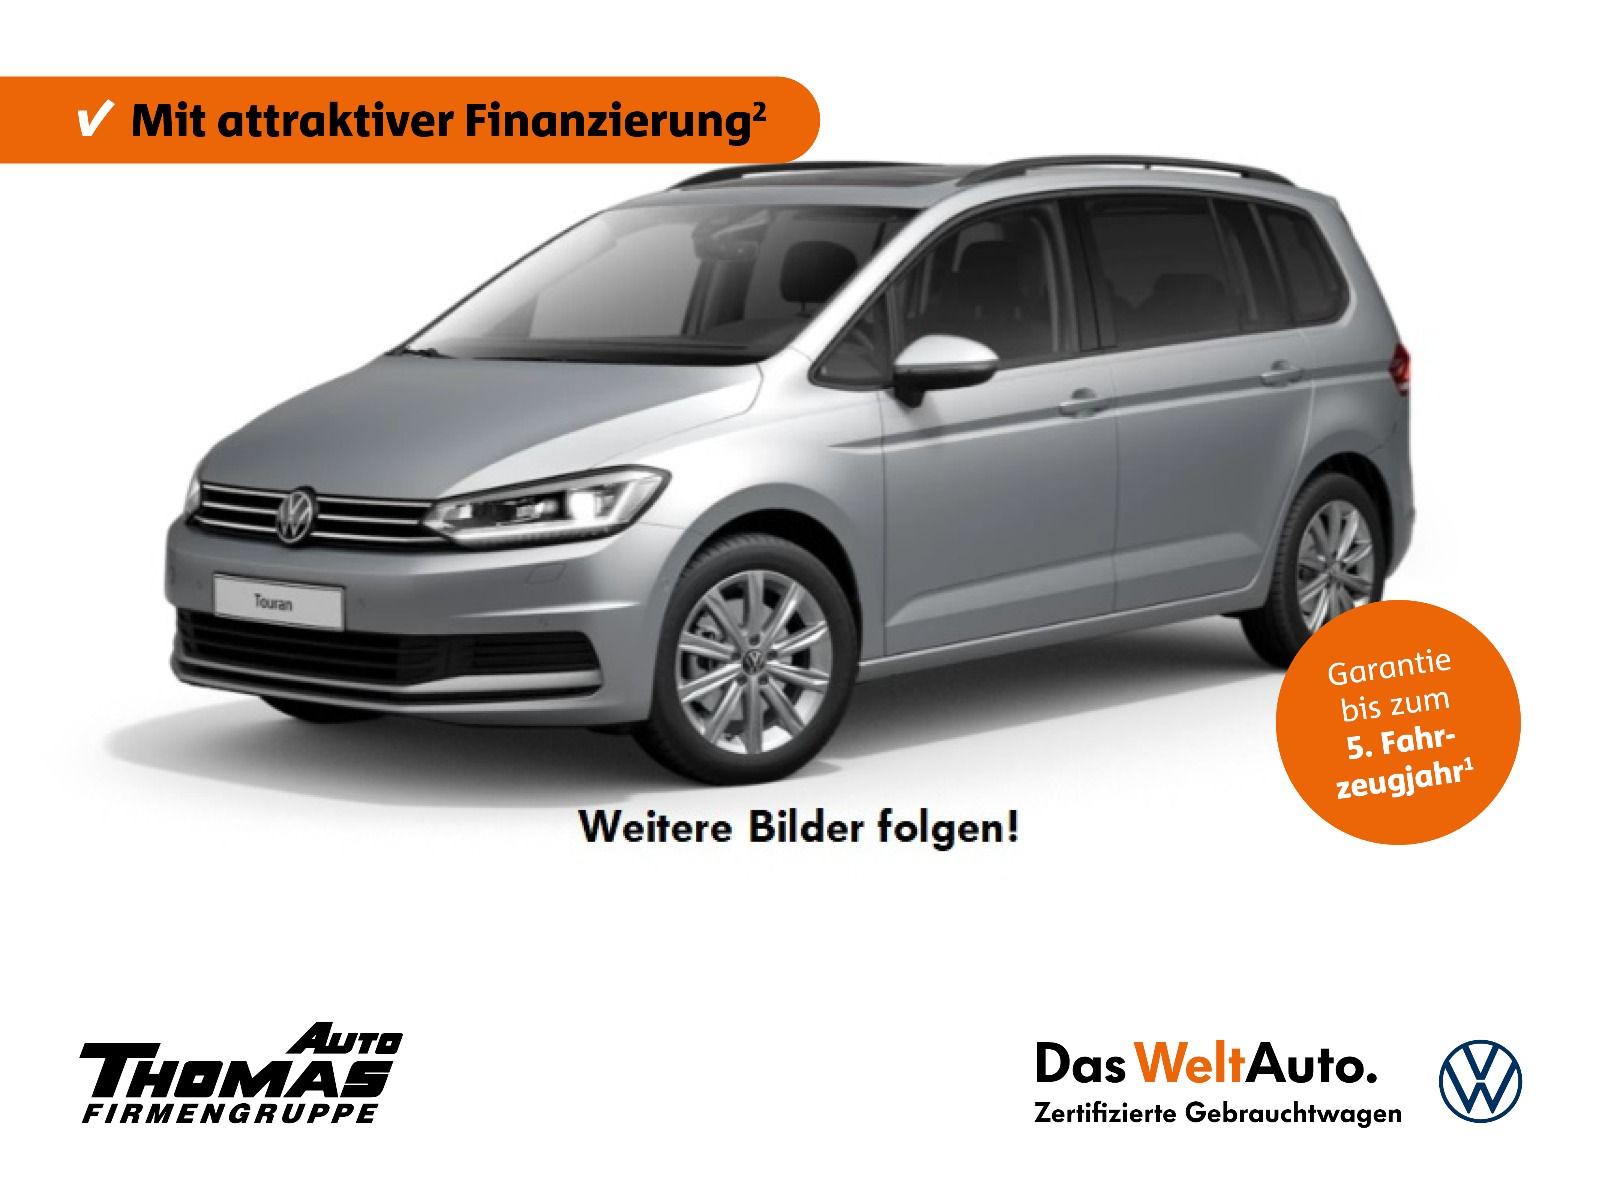 Volkswagen Touran CL 1.5 TSI DSG AHK+PANO+STDHZG+7SITZER, Jahr 2020, Benzin